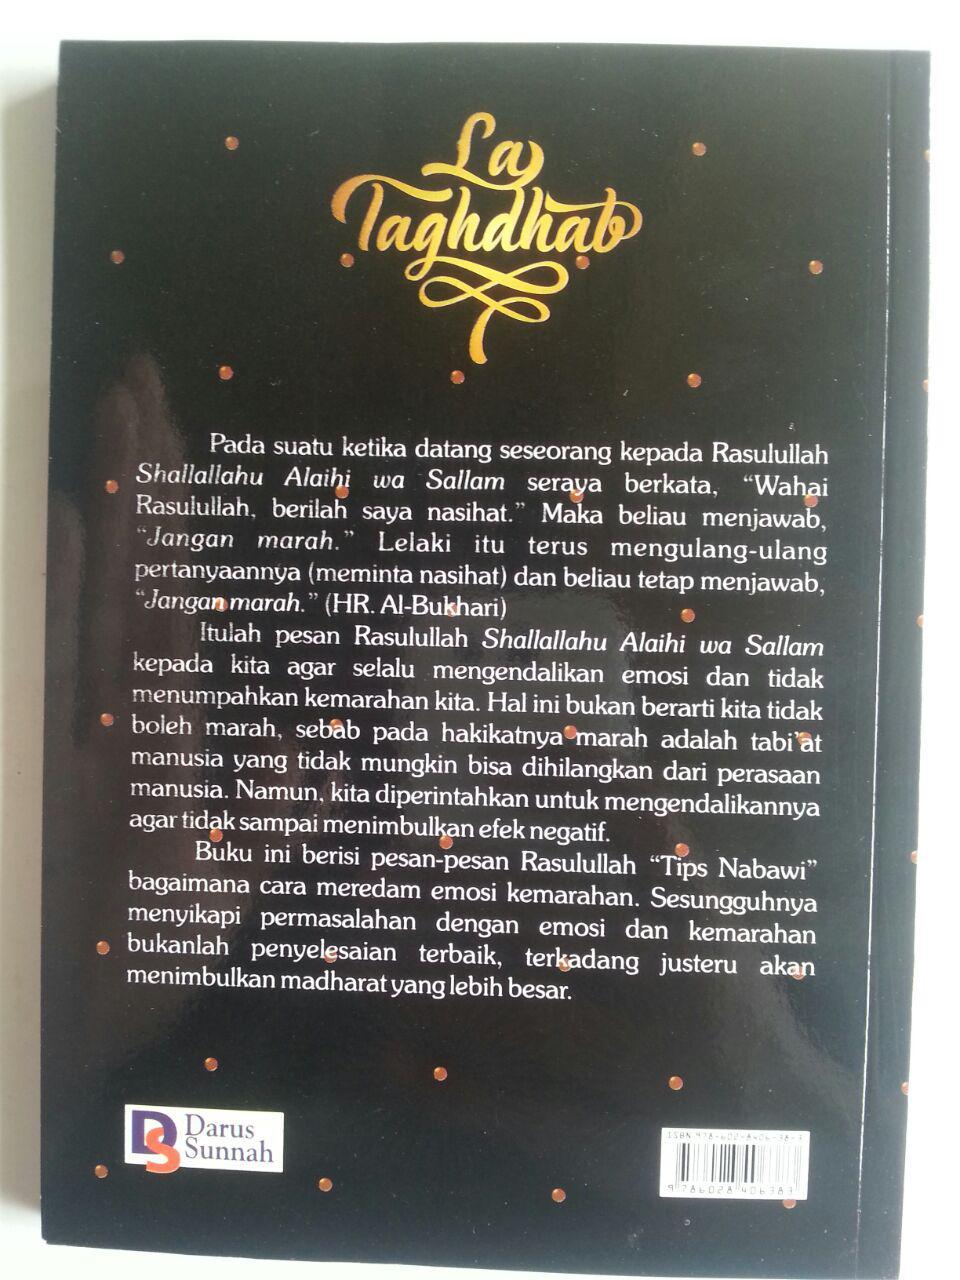 Buku La Taghdhab Metode Nabi Dalam Mengobati Marah cover